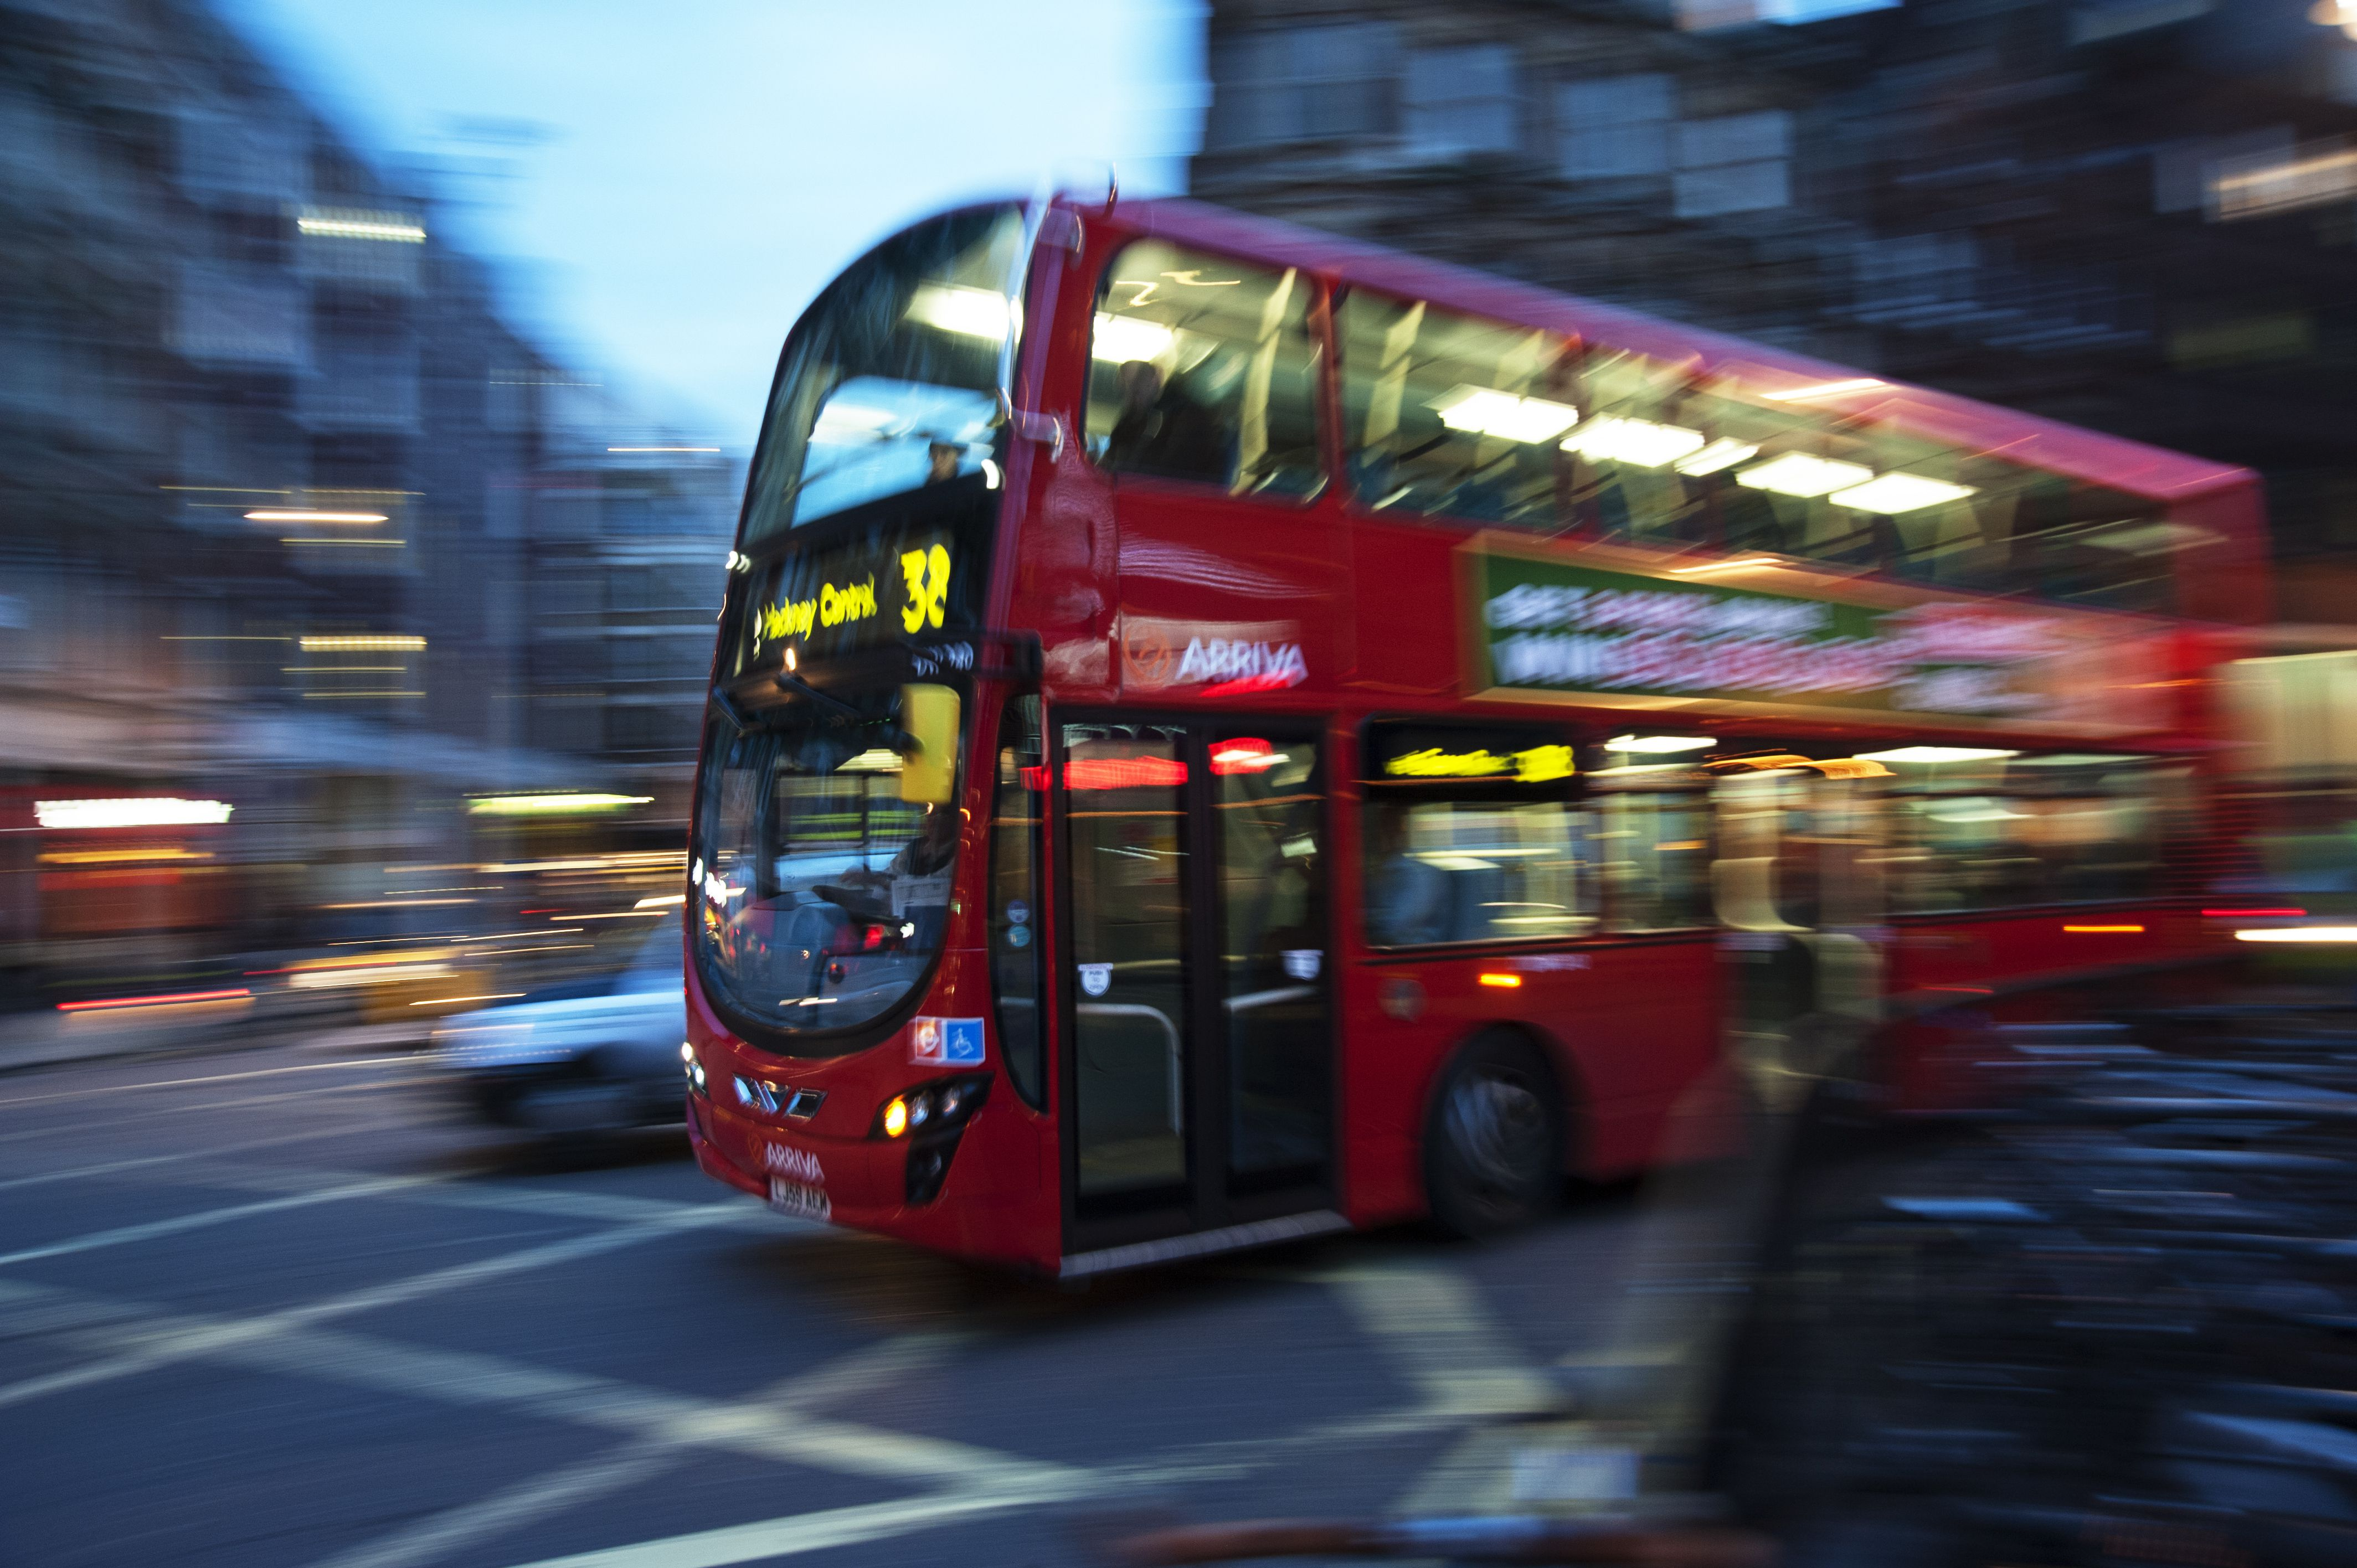 autobús número 38 de Londres doblando una esquina en St Giles Circus al anochecer